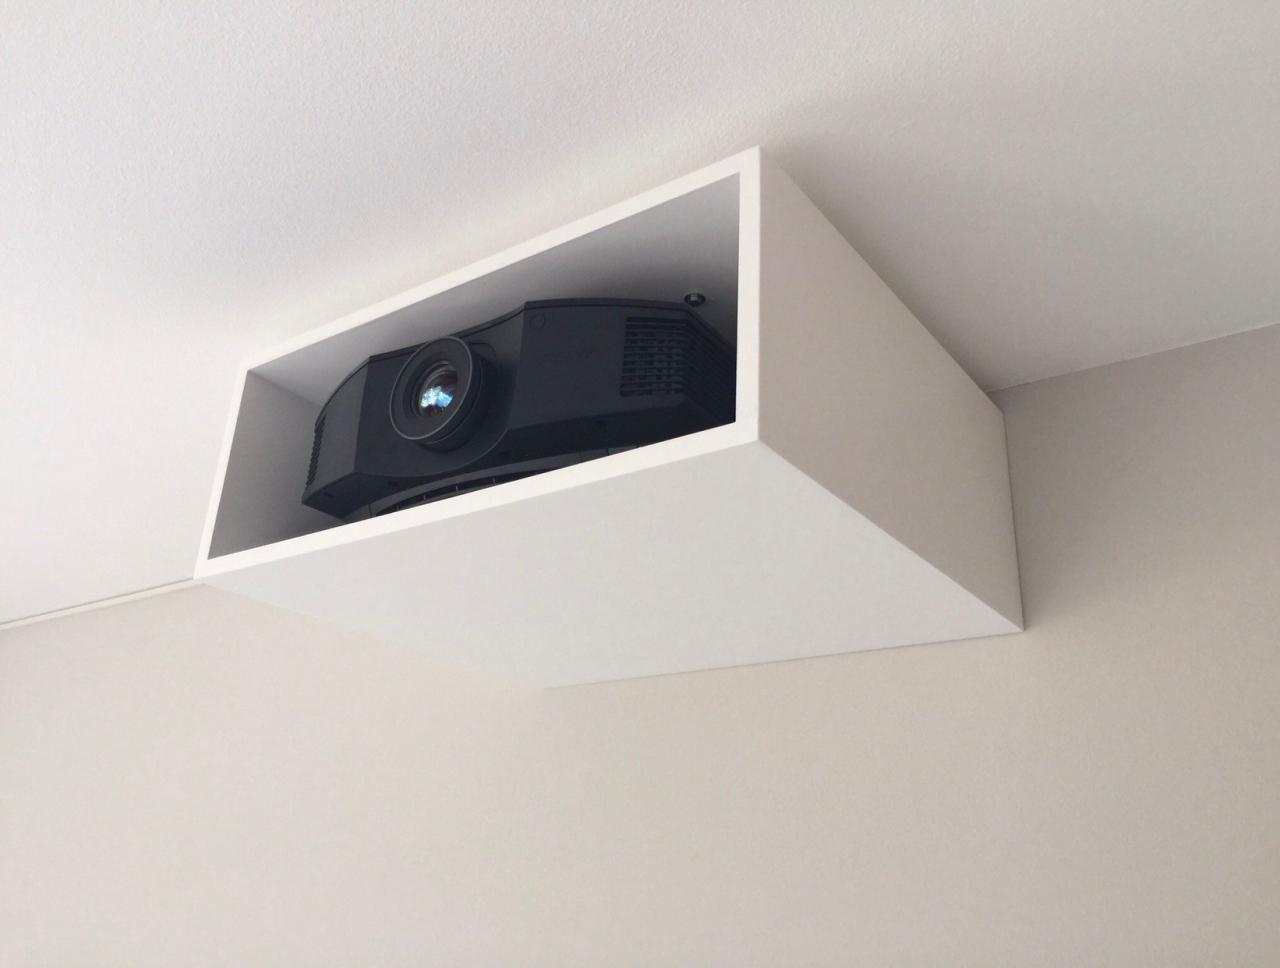 In Dezenten Decken Abkastung Wird Jeder Projektor Unsichtbar Fr Das Auge Des Betrachters